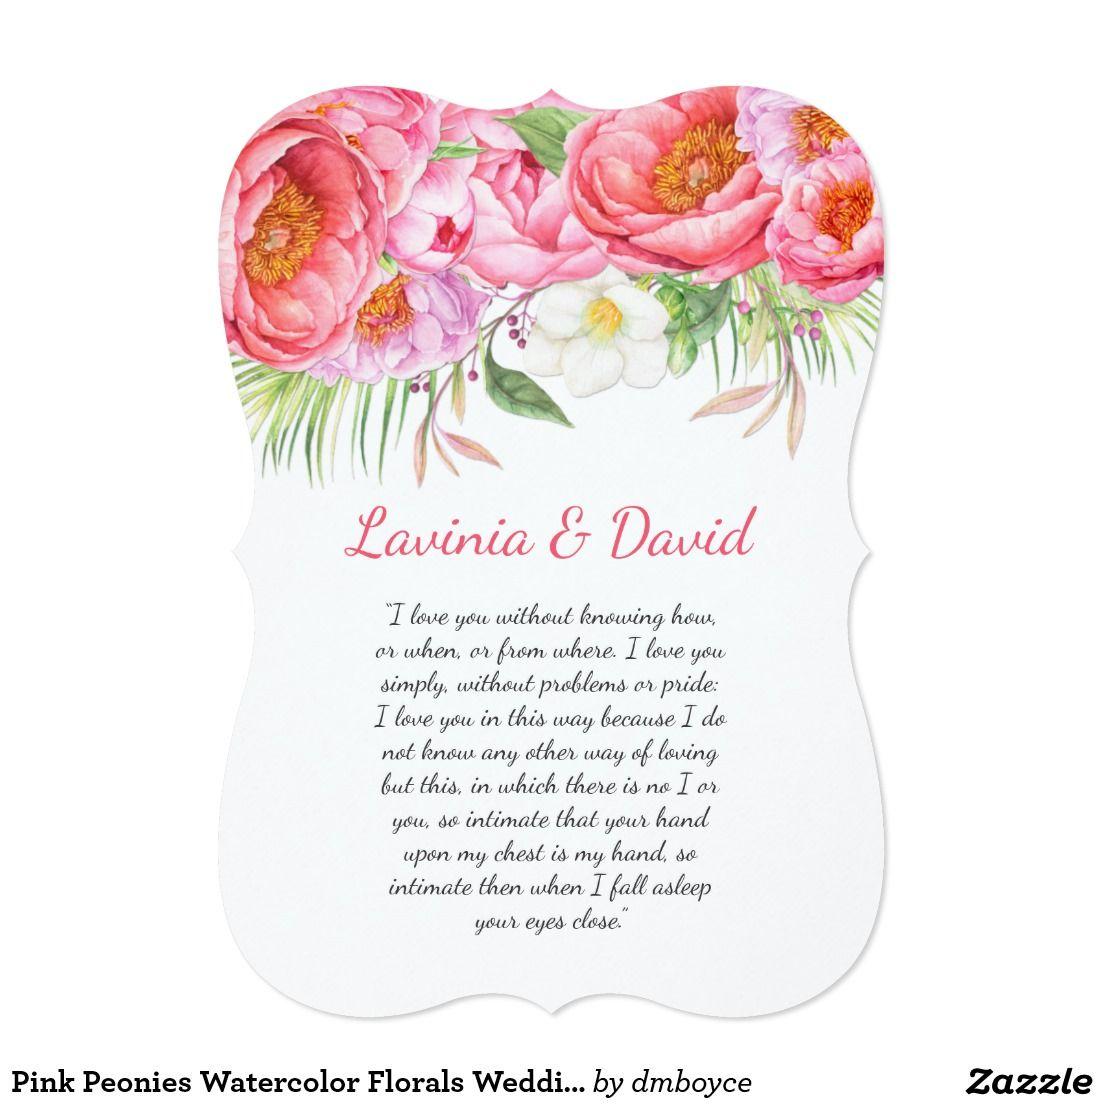 Pink Peonies Watercolor Florals Wedding Card Simply Weddings